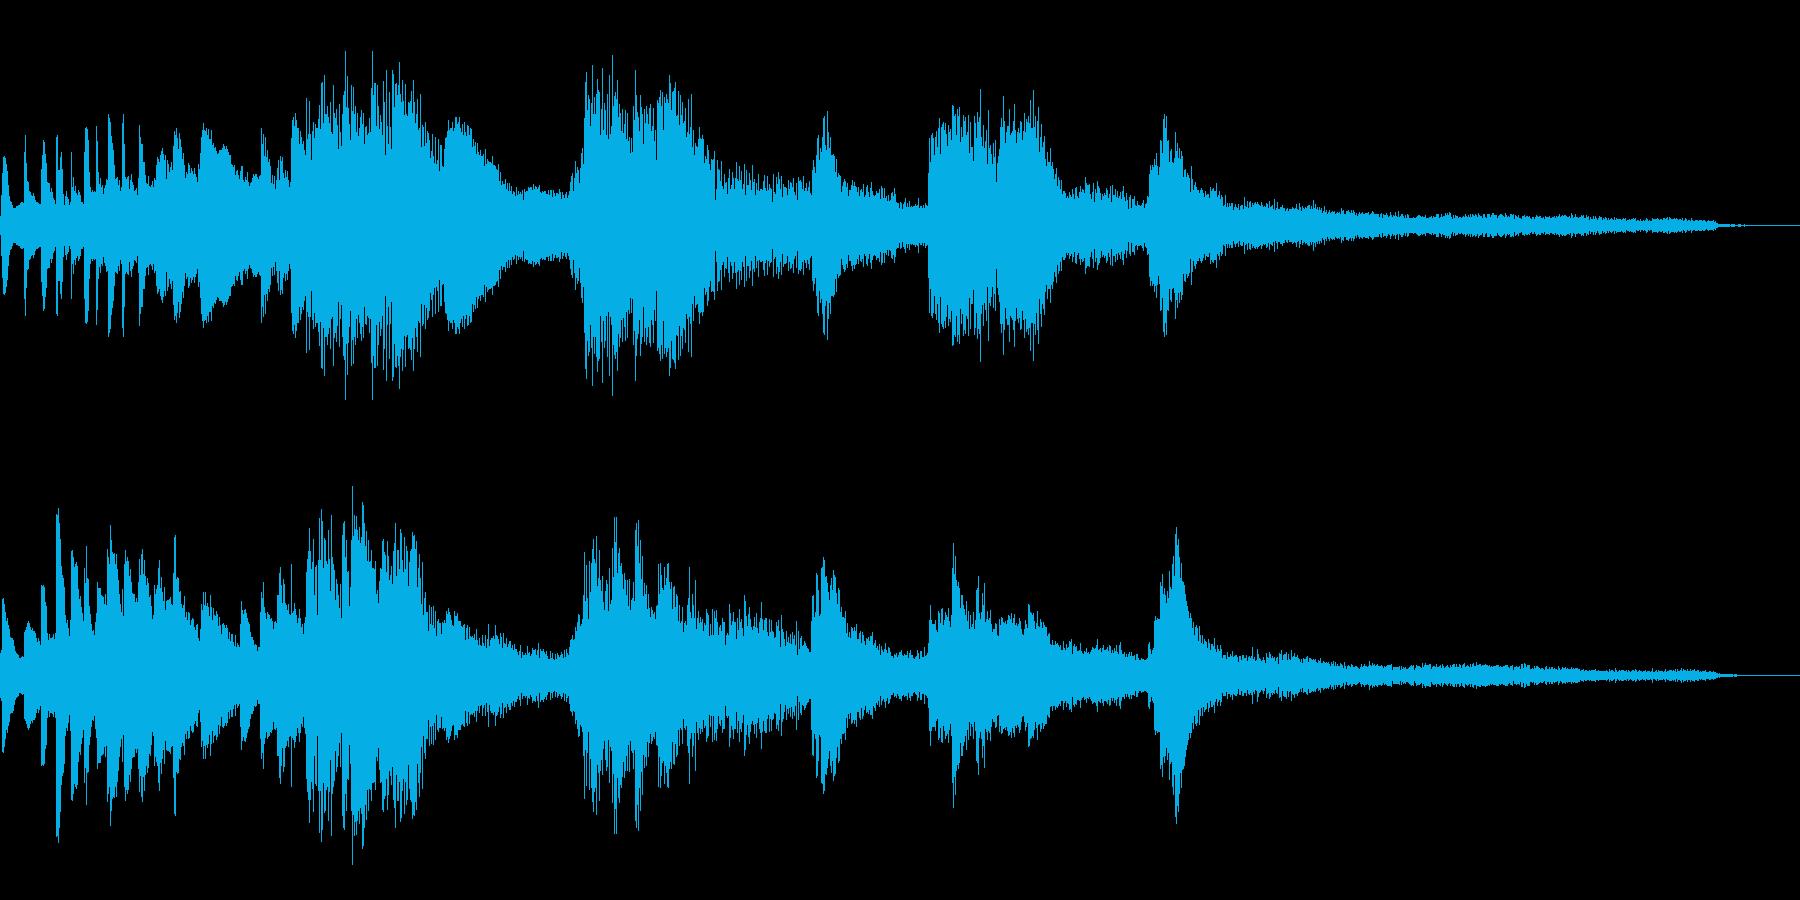 暗く静かな和風ジングル38-ピアノソロの再生済みの波形